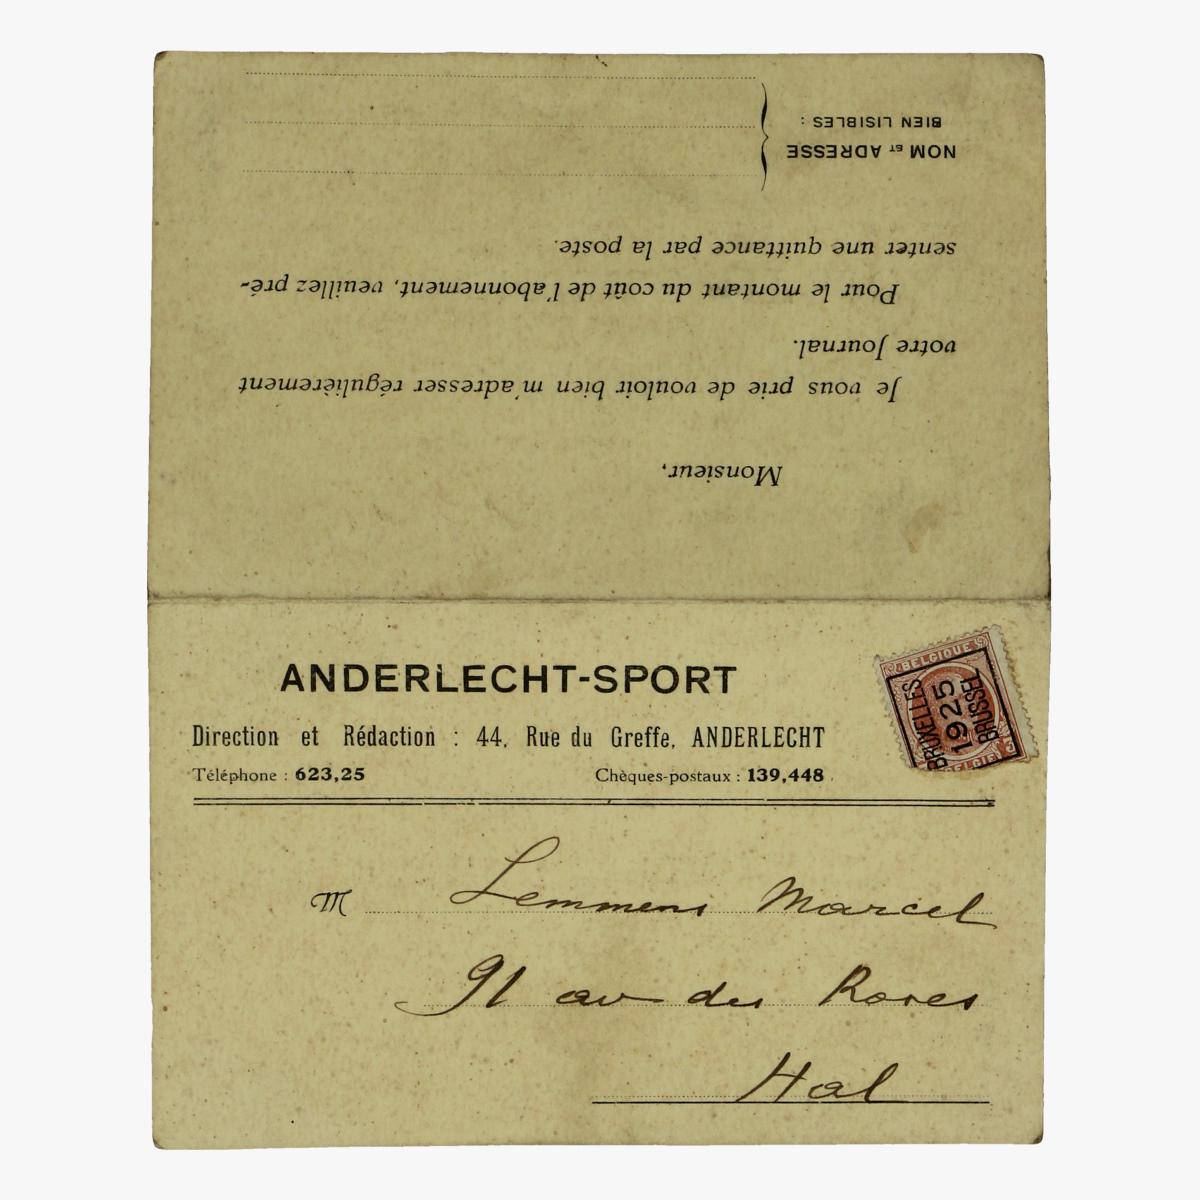 Afbeeldingen van aanvraag formulier voor dagblad anderlechtsport 1925